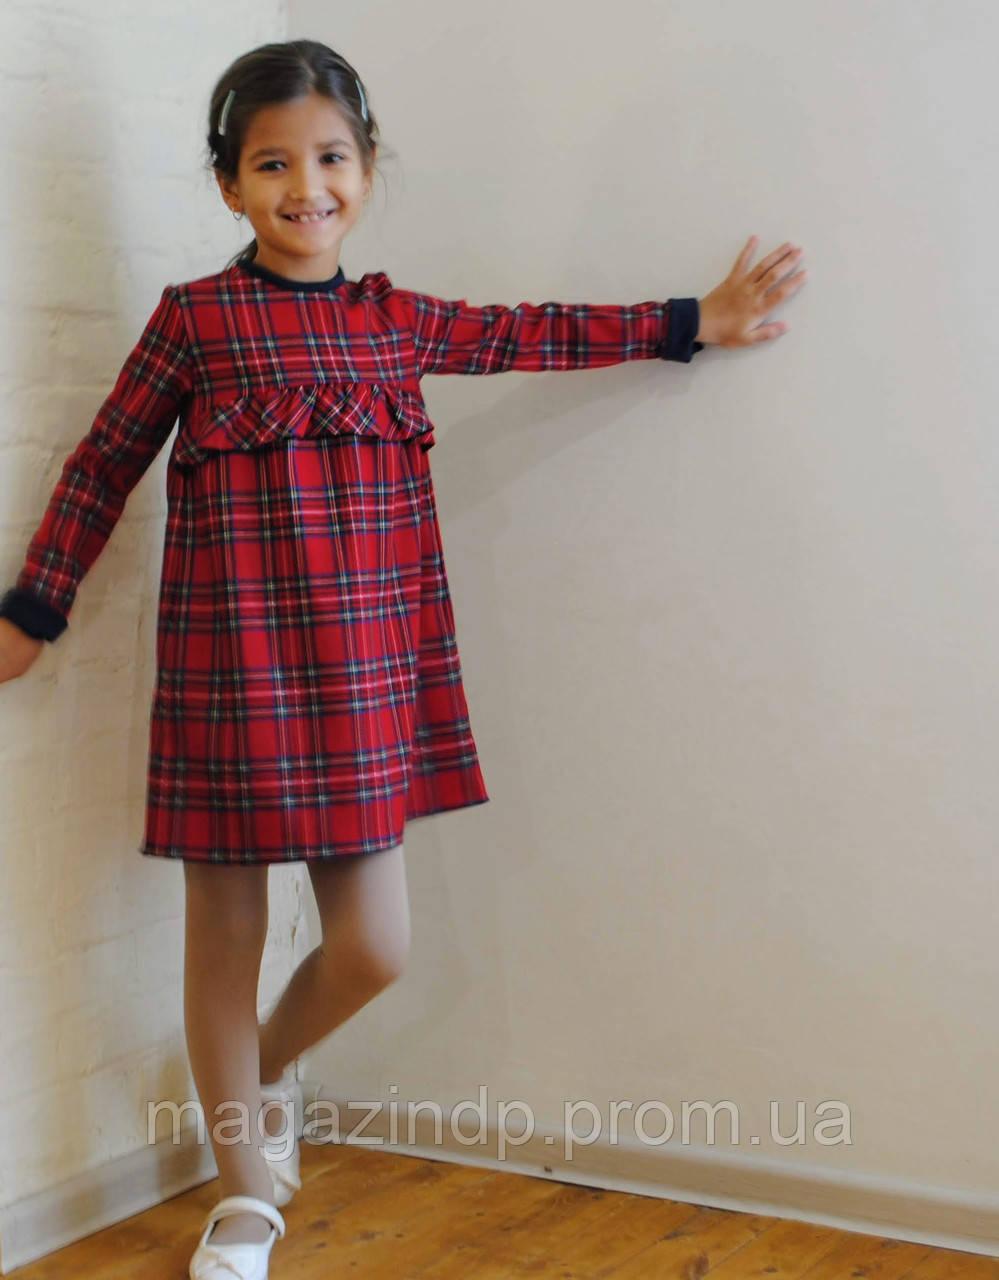 Осенне-зимнее платье детское в кчку 02 (93) Код:817736174